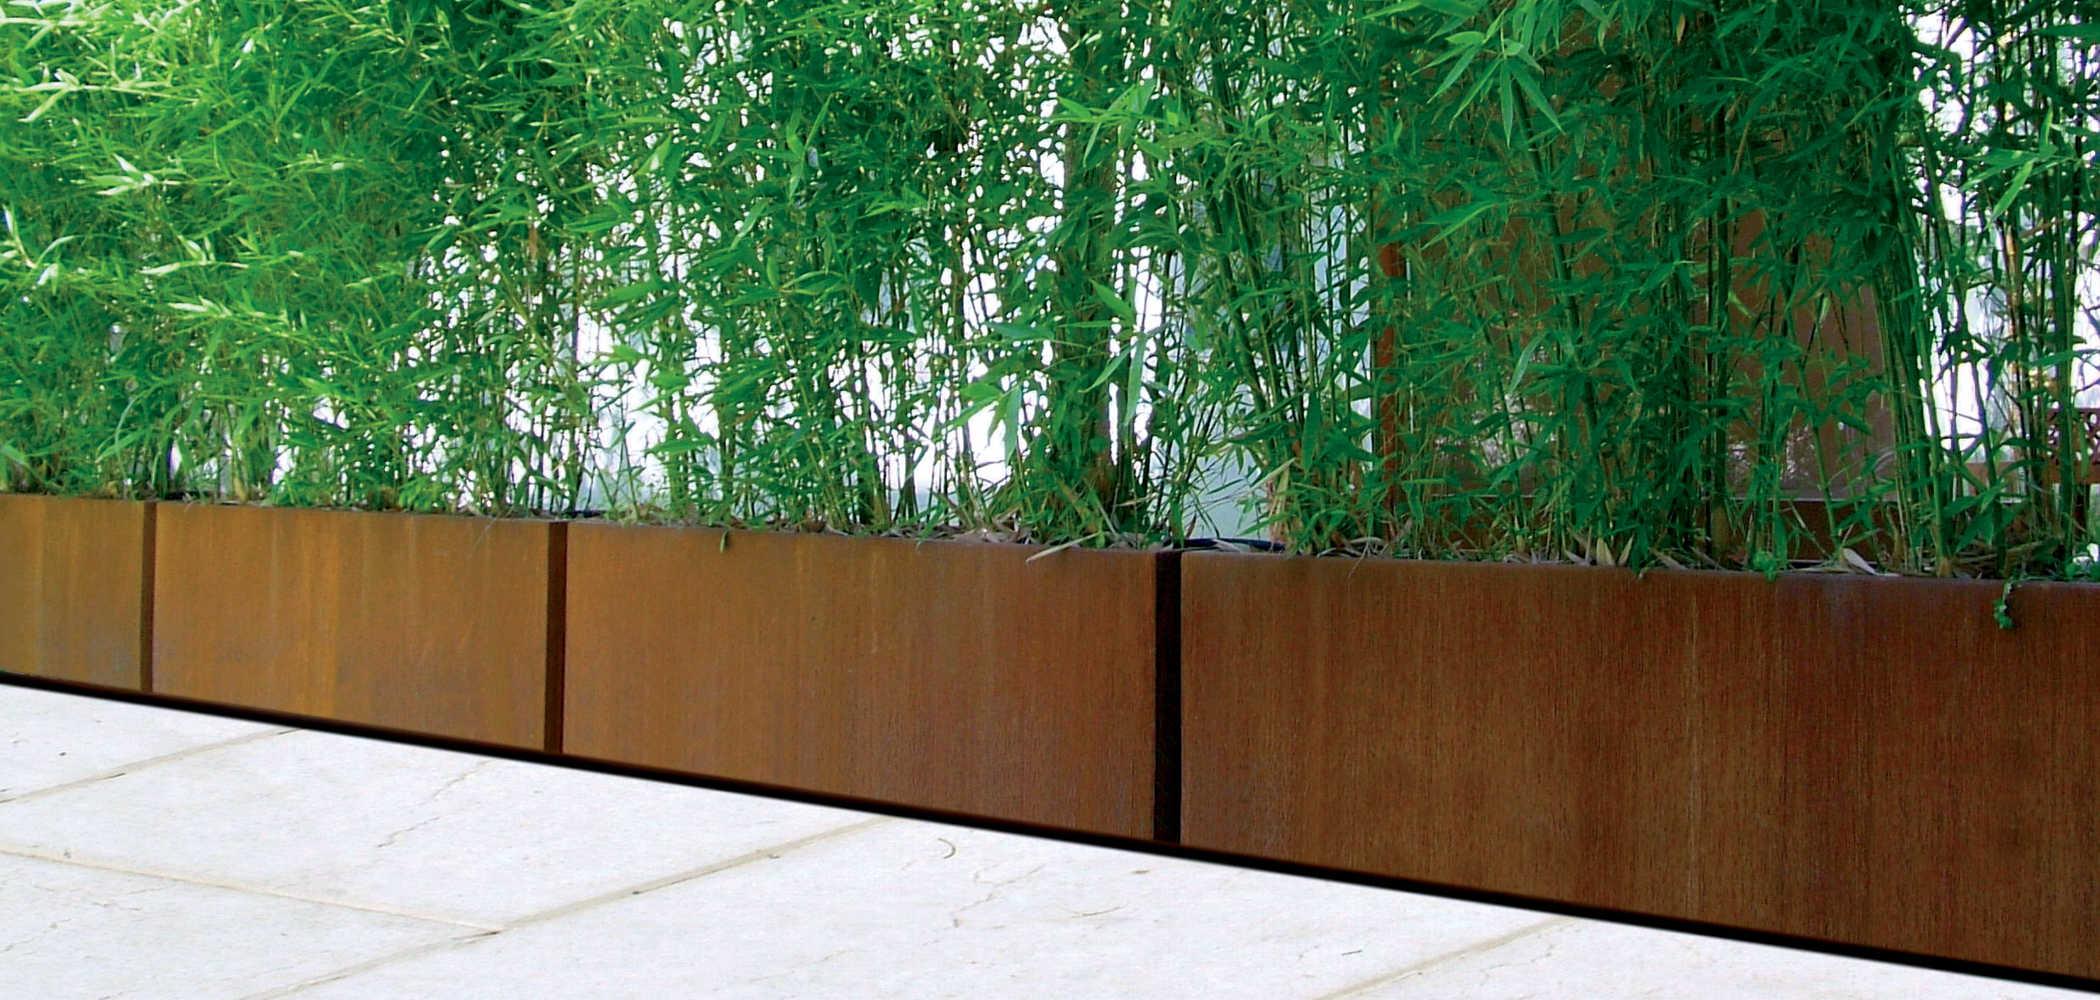 Bamb planter metalco - Jardineras con bambu ...